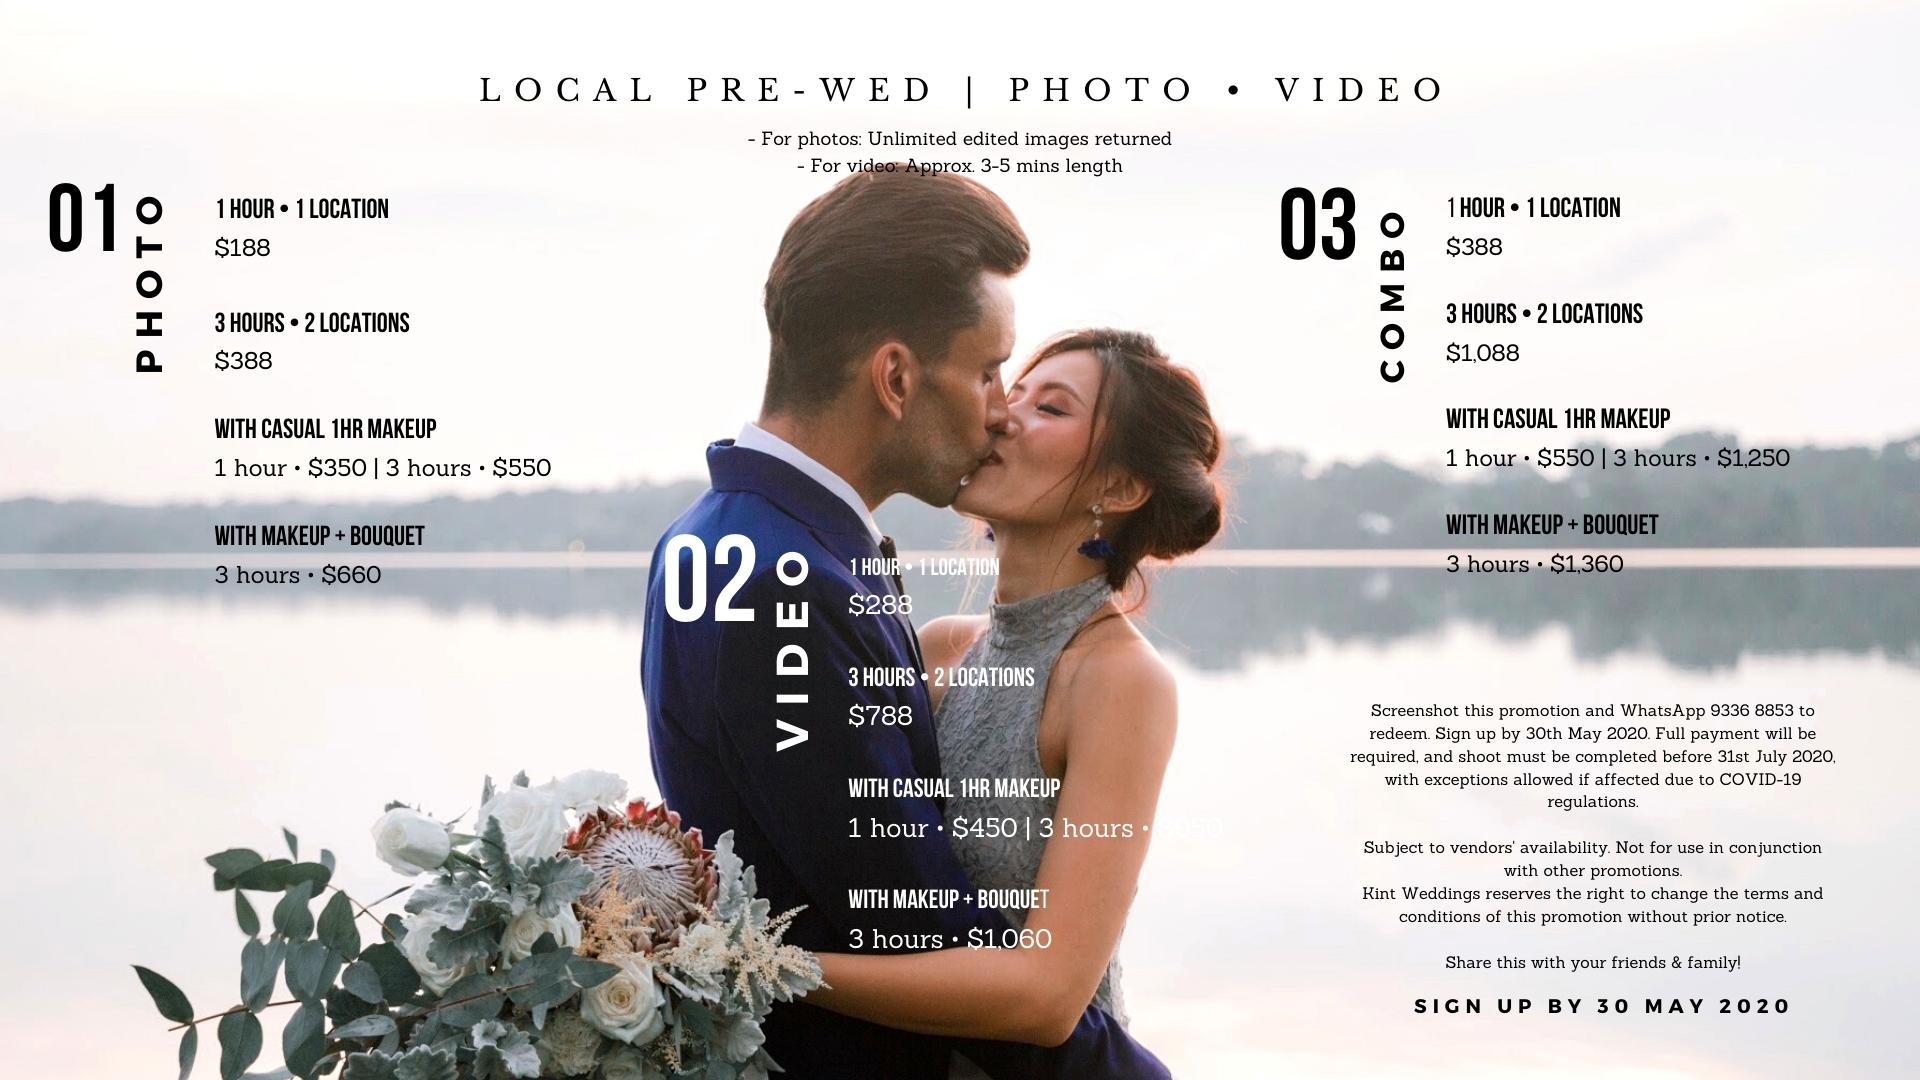 Kint Weddings (2)